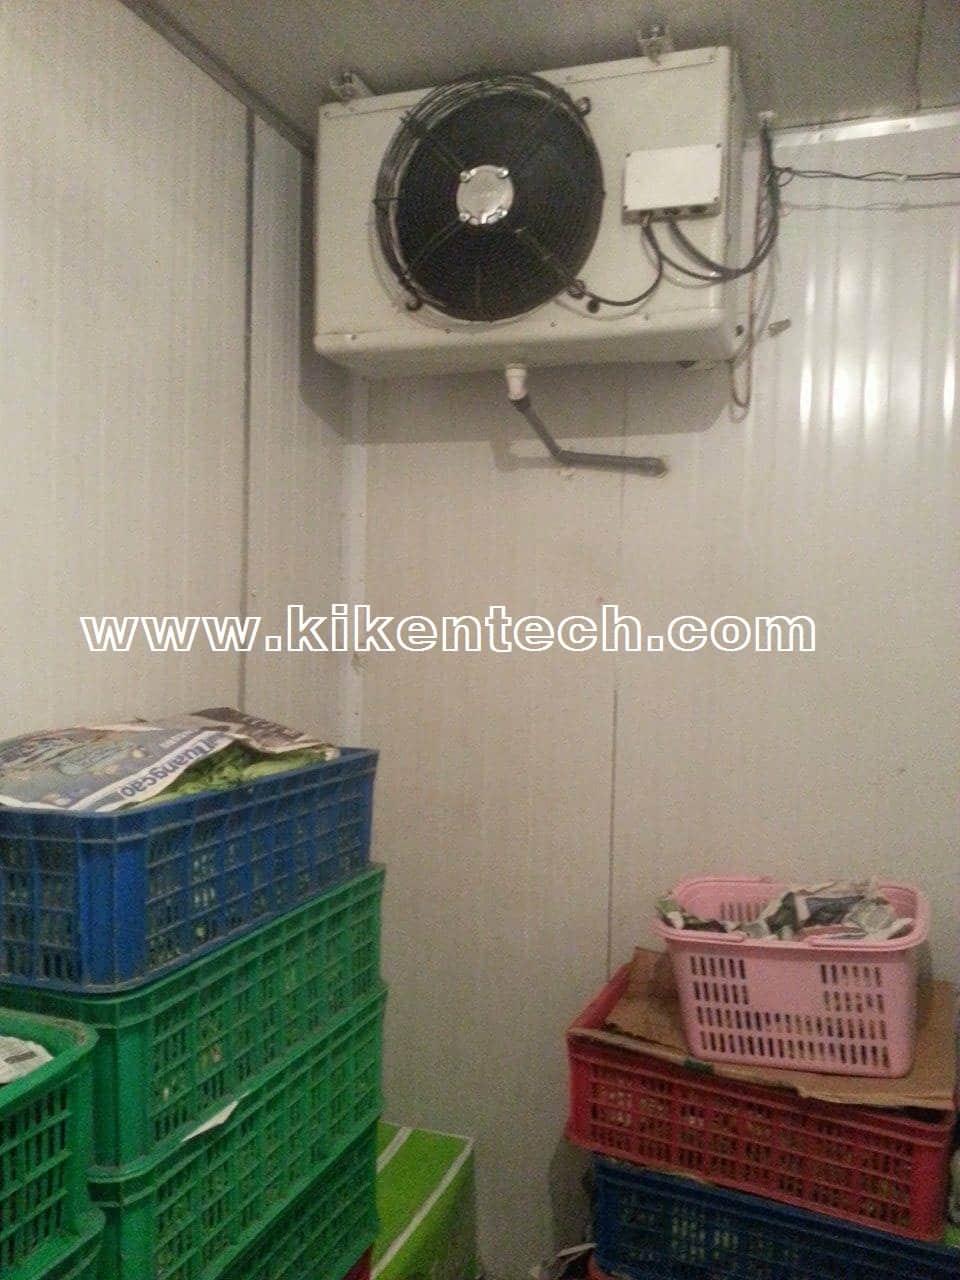 Chi tiết dự án lắp đặt kho lạnh bảo quản ở Quảng Ninh. Báo giá thiết kế kho lạnh, cung cấp lắp đặt kho lạnh, thi công lắp đặt kho lạnh bảo quản ở Quảng Ninh